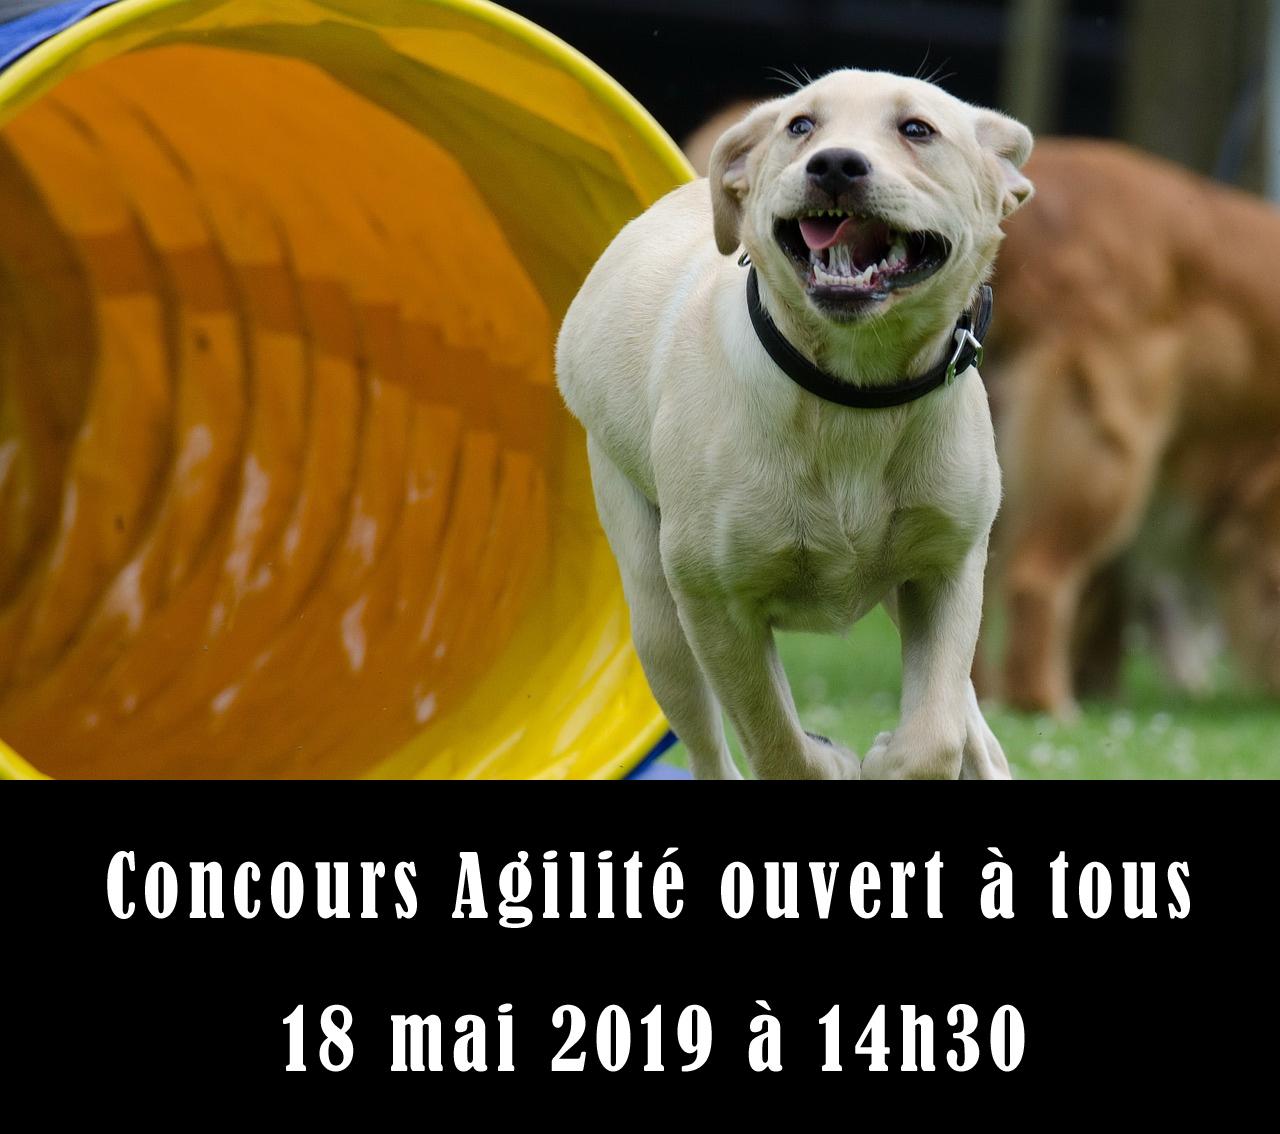 Concours d'agilité chez Animal Expert St-Bruno